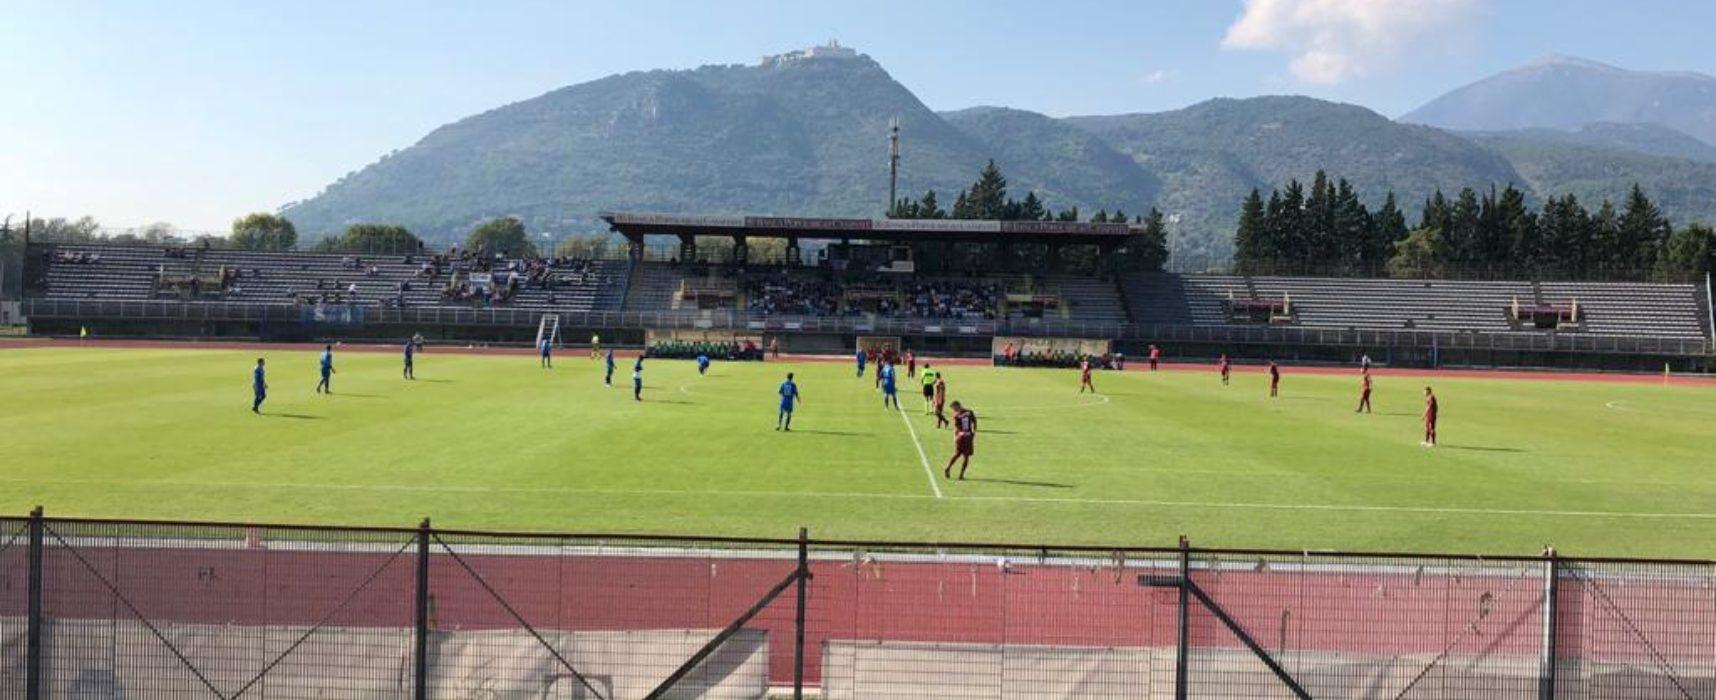 Termina in parità il big match allo Stadio Salveti: Cassino-Trastevere 2-2